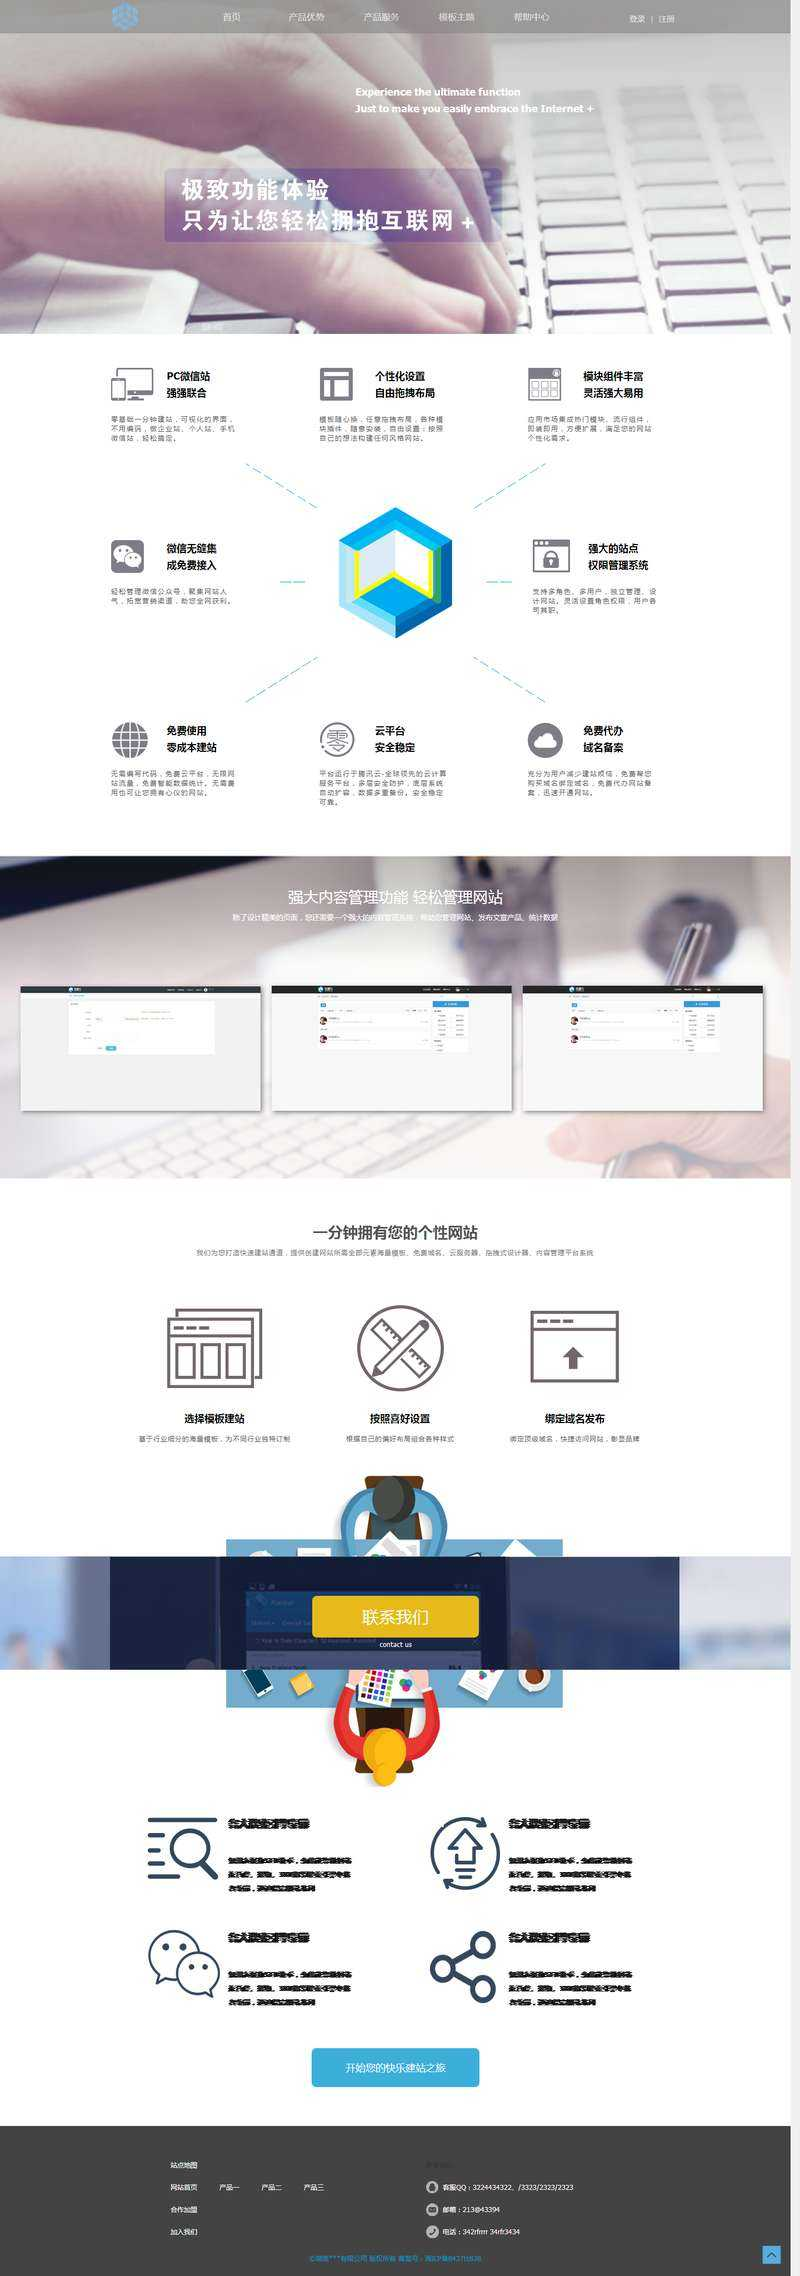 简洁大气html5 css3互联网IT公司网站模板